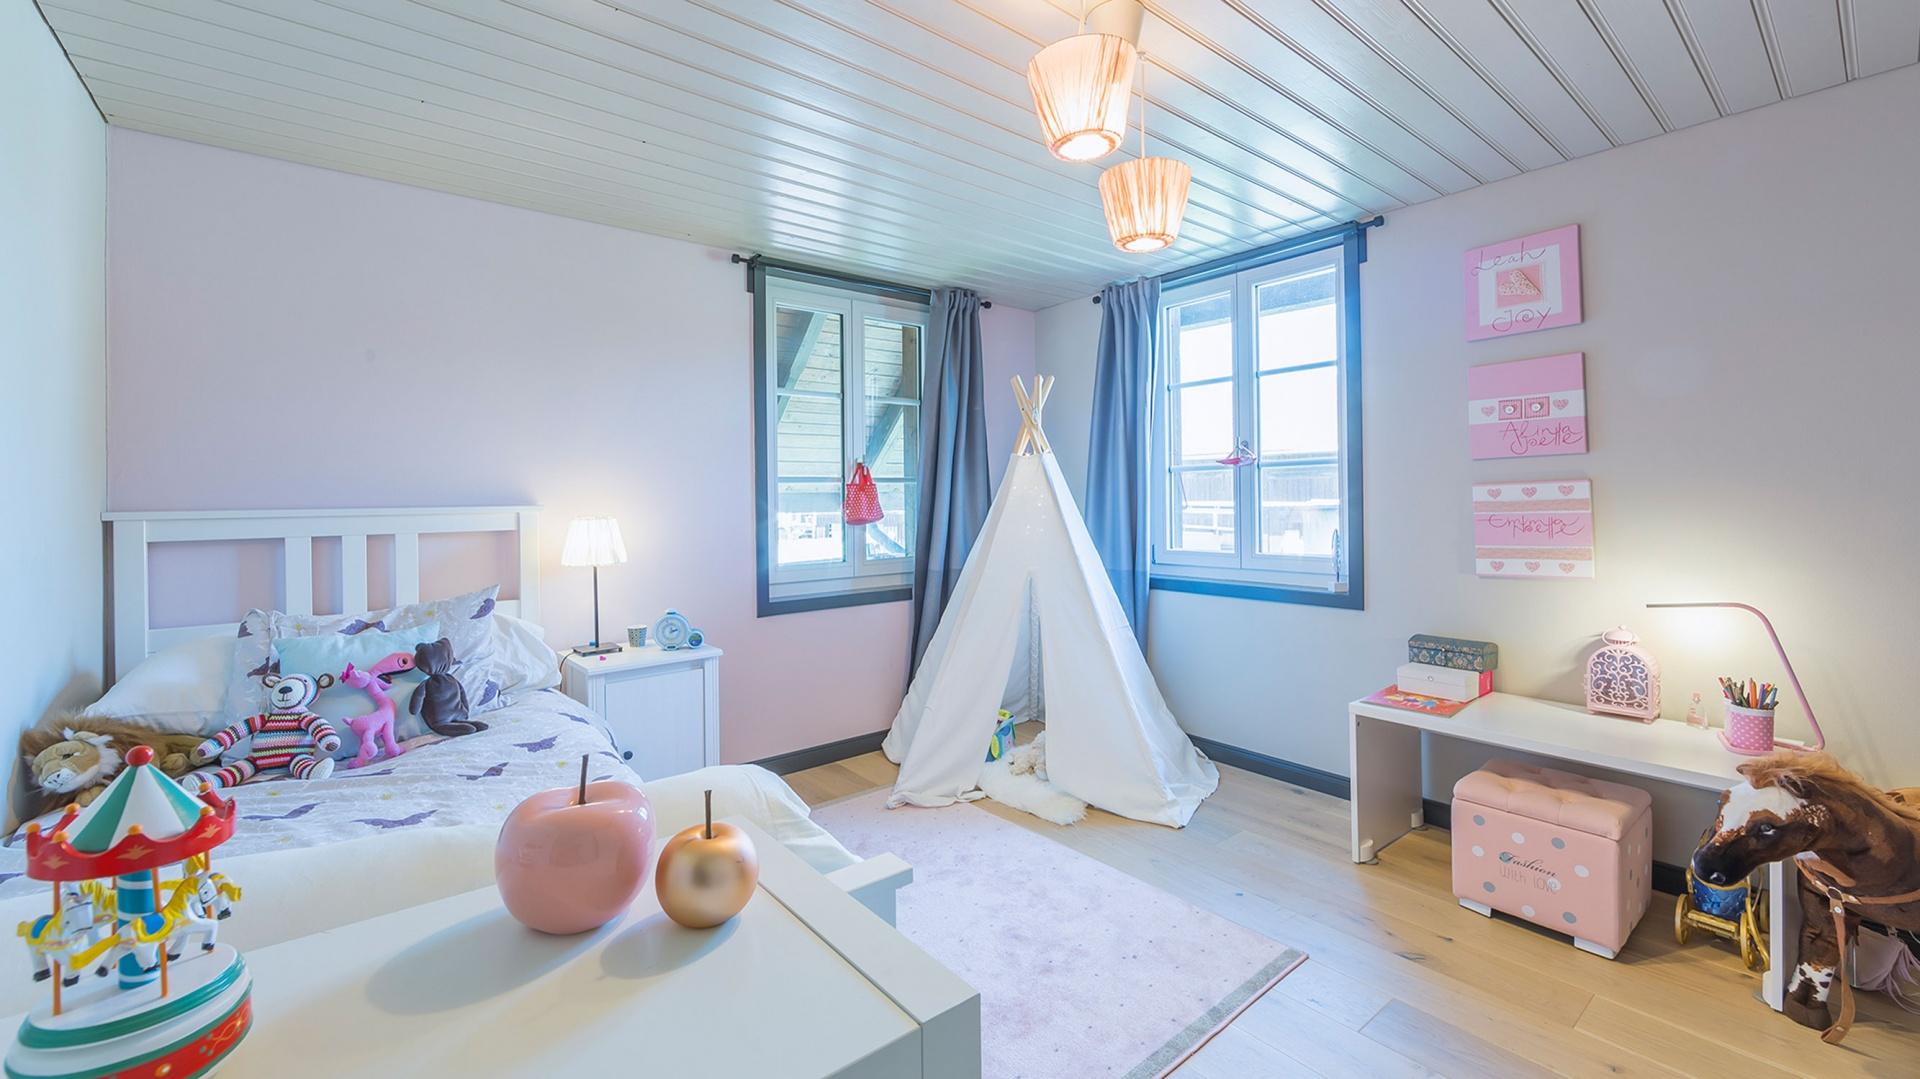 Kinderzimmer OG © Dever GmbH, Le-Corbusier-Platz 6, 3027 Bern